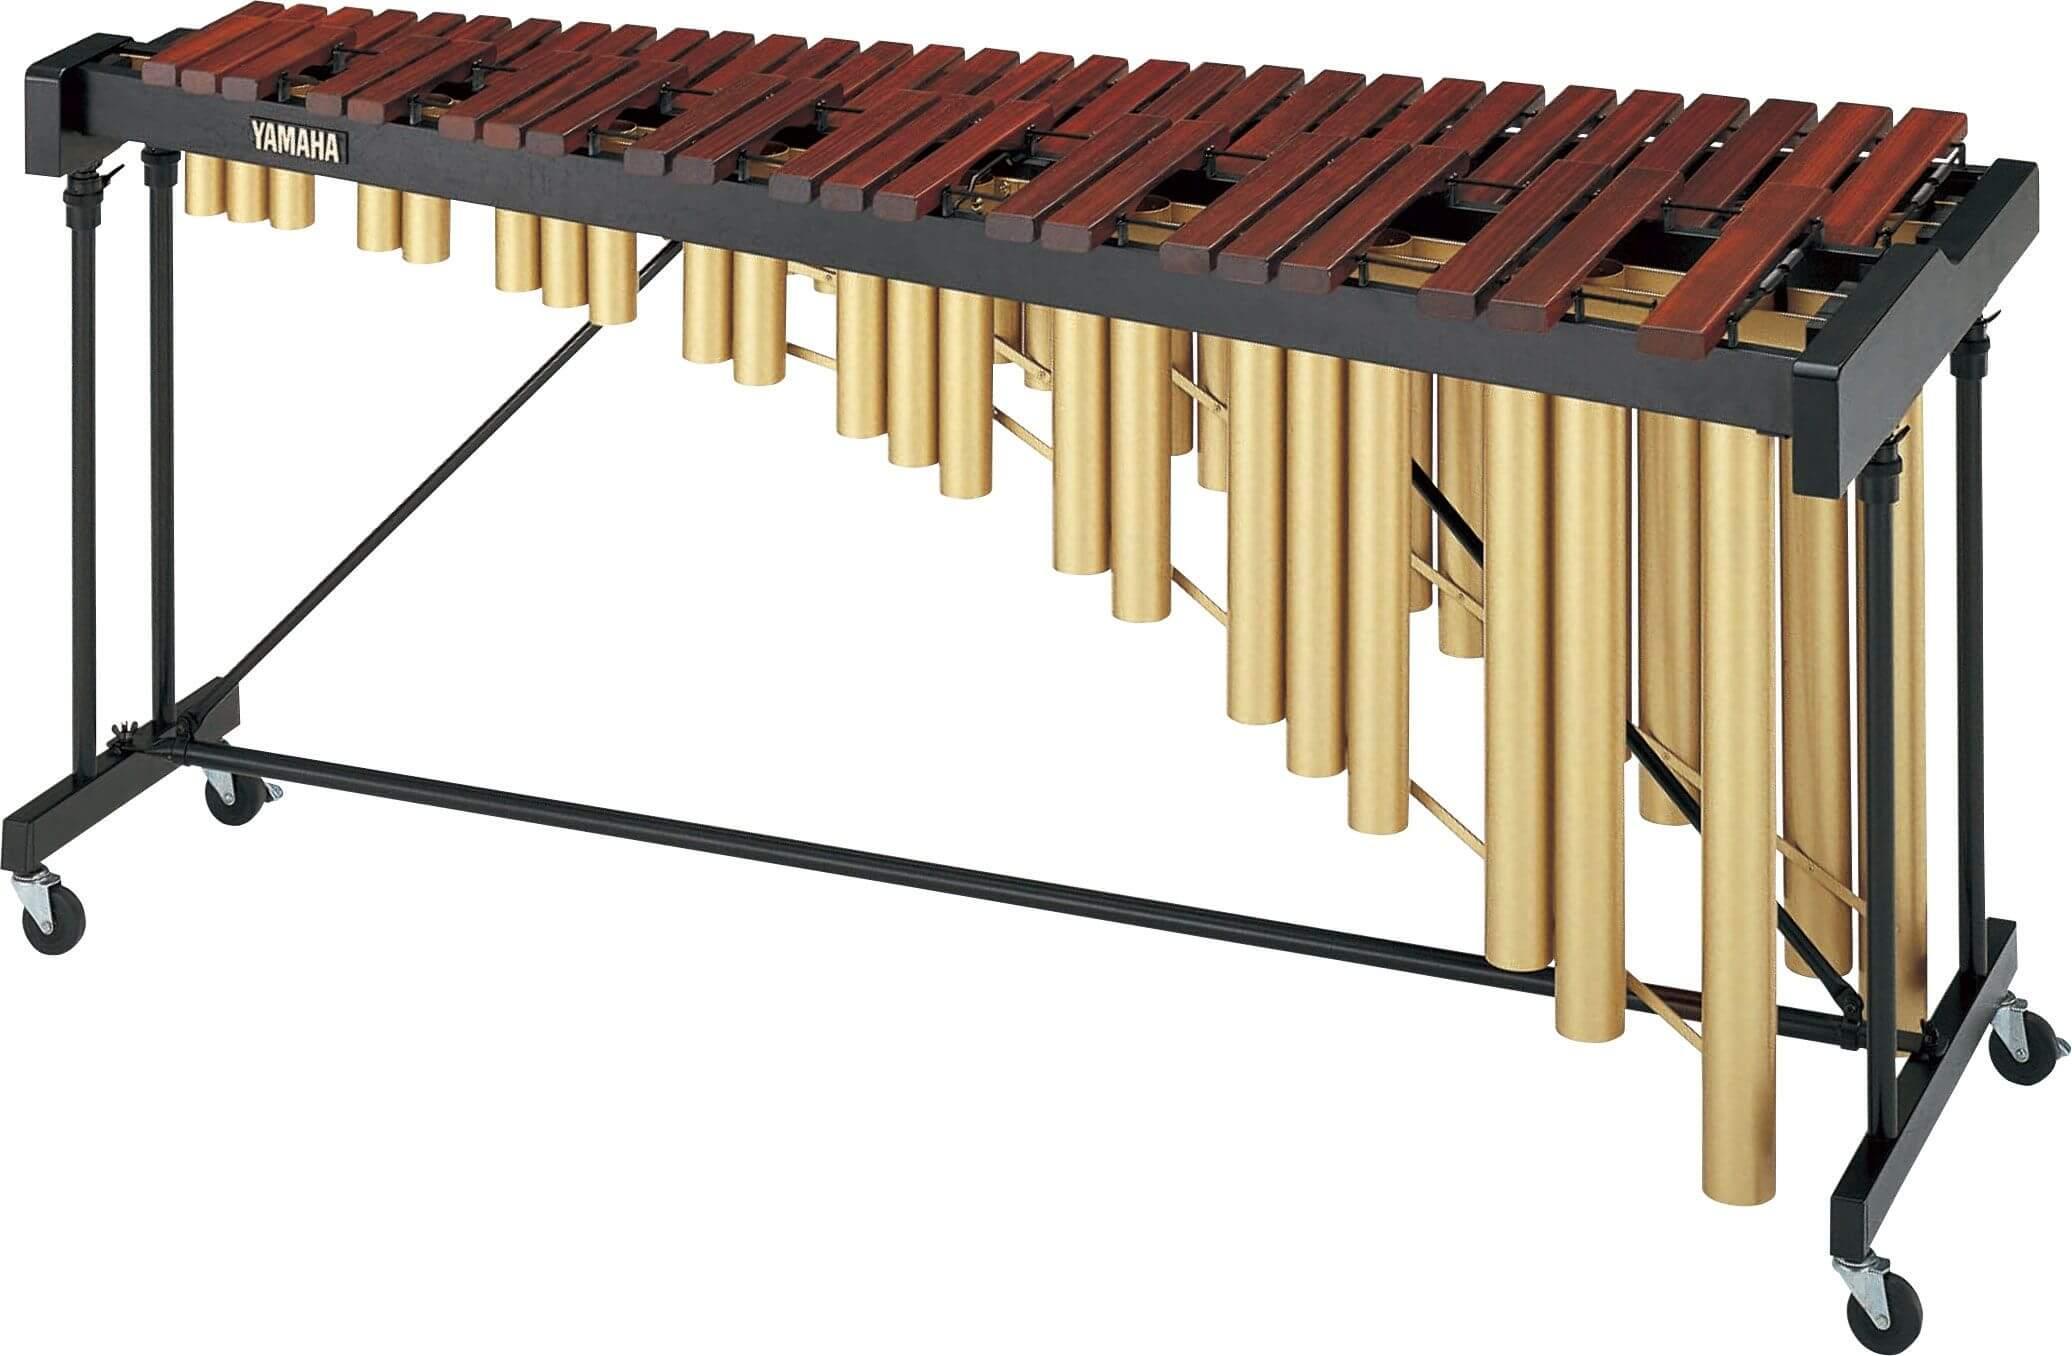 Marimba Yamaha Ym 1430